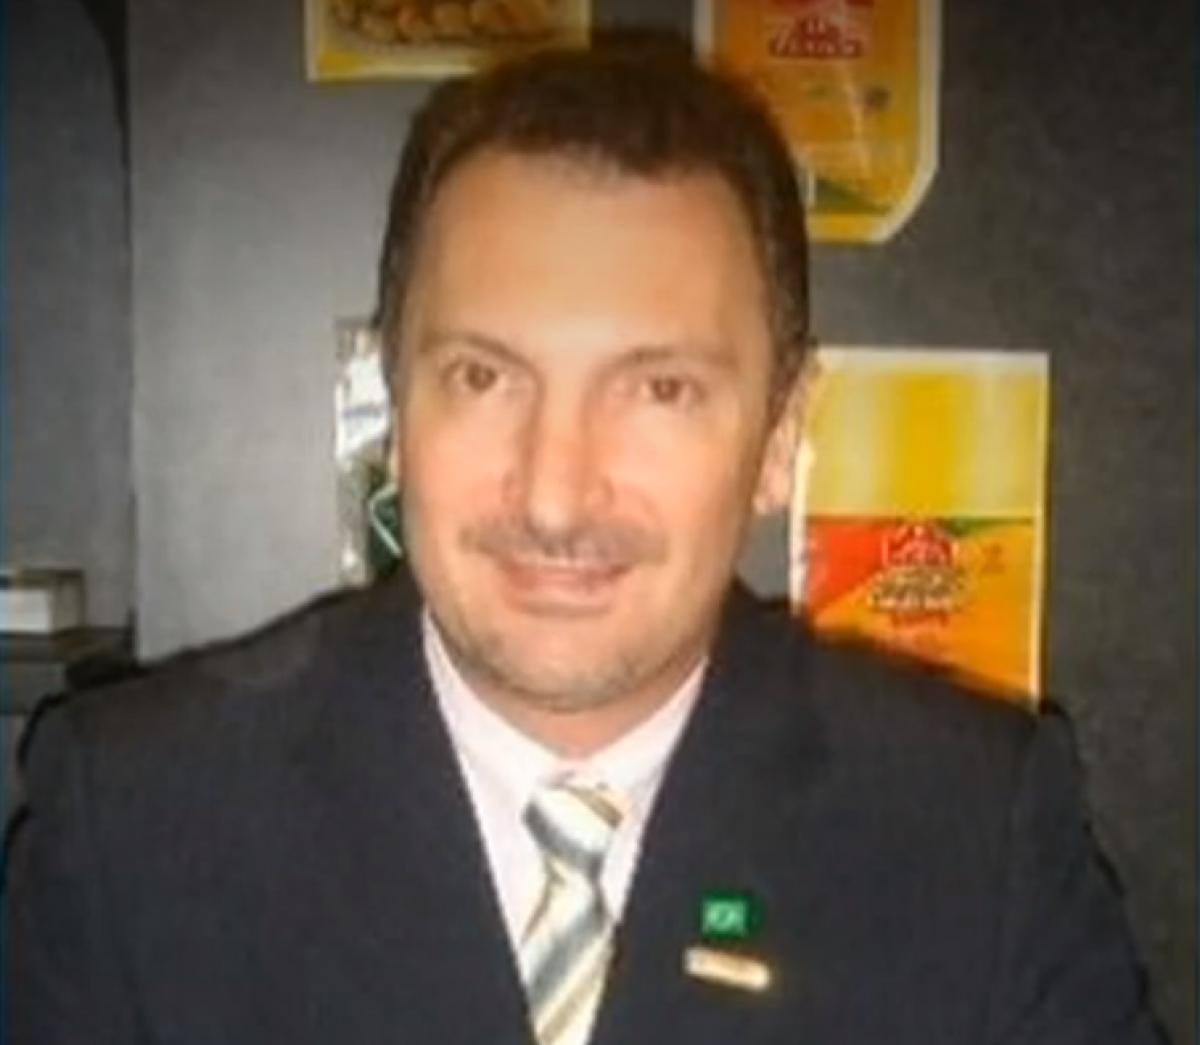 Geraldo Denardi deixou a UTI do hospital nesta quarta-feira, mas continua internado - Record TV/Reprodução